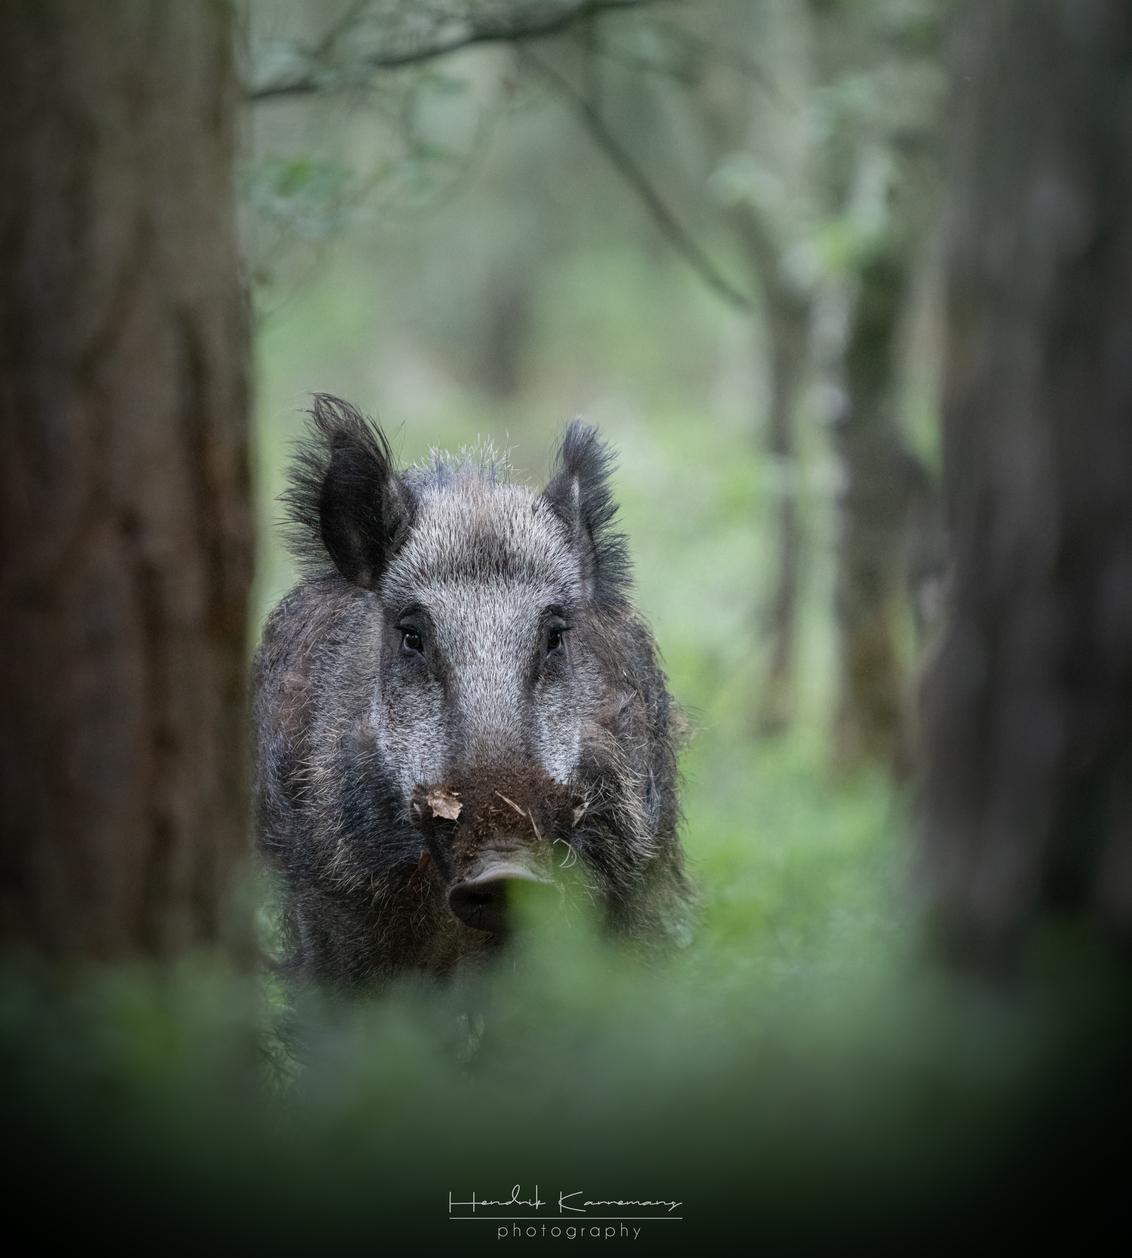 Zwijn in het bos - - - foto door Hendrik1986 op 08-06-2020 - deze foto bevat: natuur, dieren, zwijn, wildlife